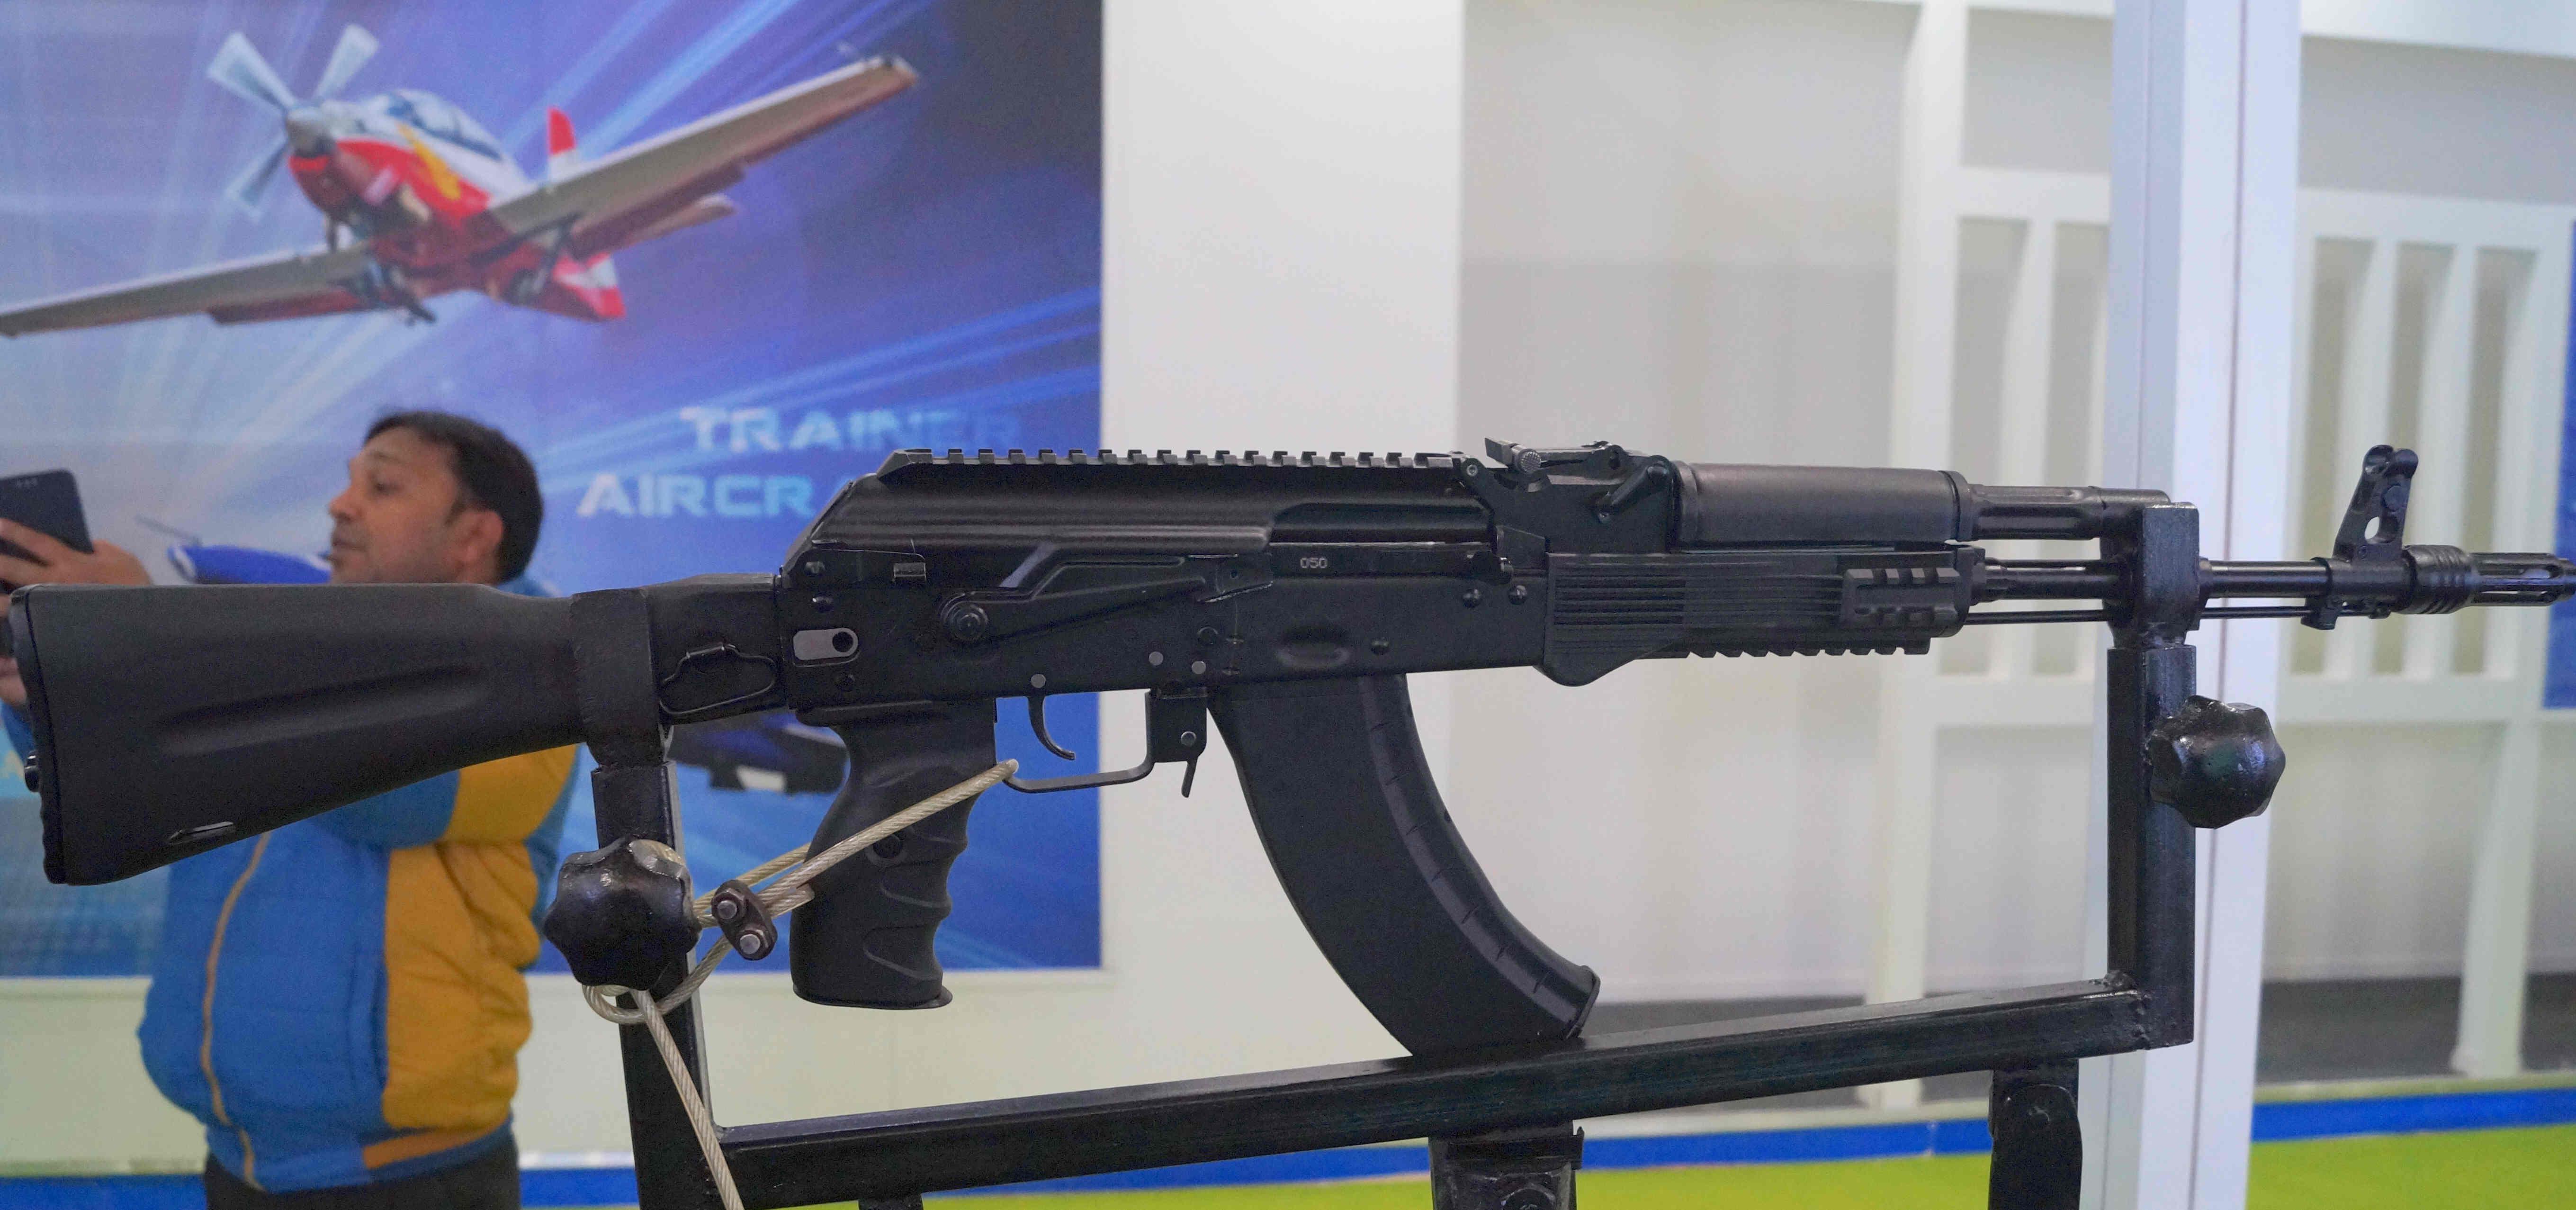 AK-203.jpg